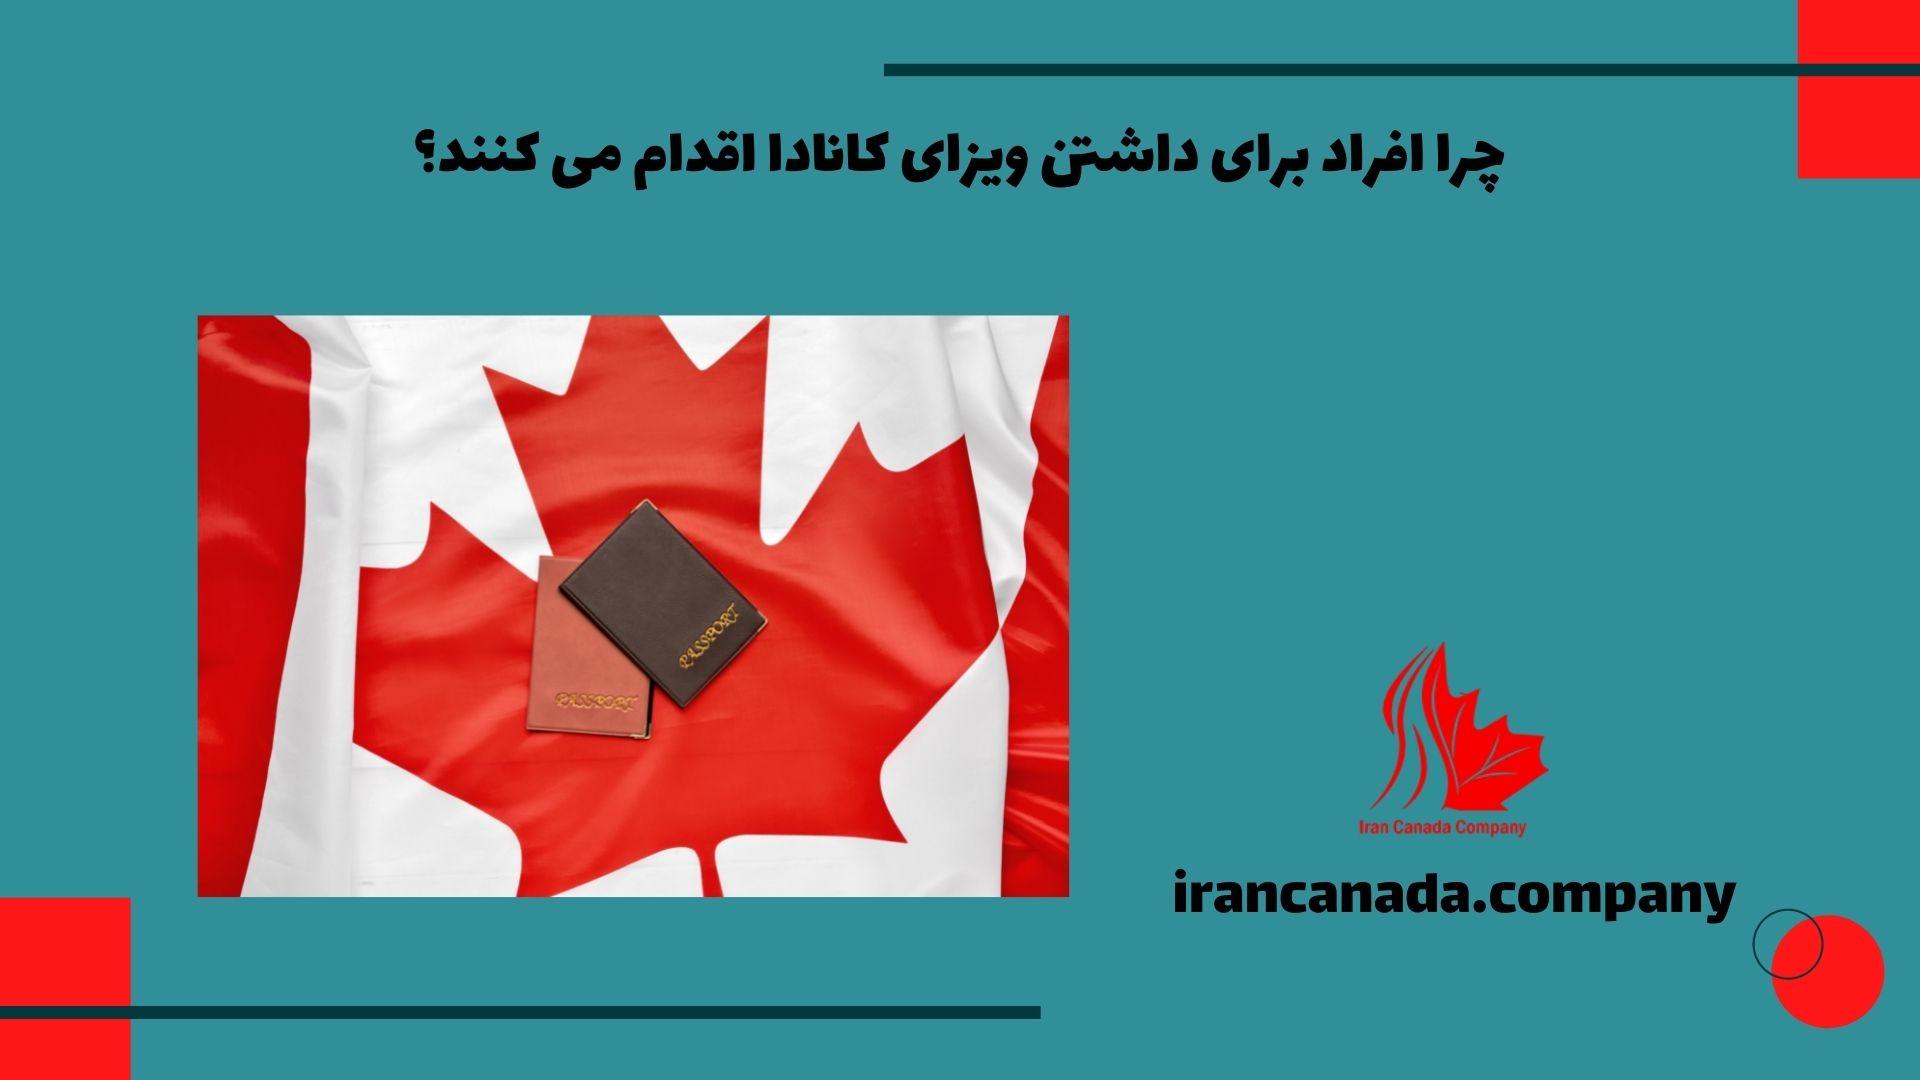 چرا افراد برای داشتن ویزای کانادا اقدام می کنند؟